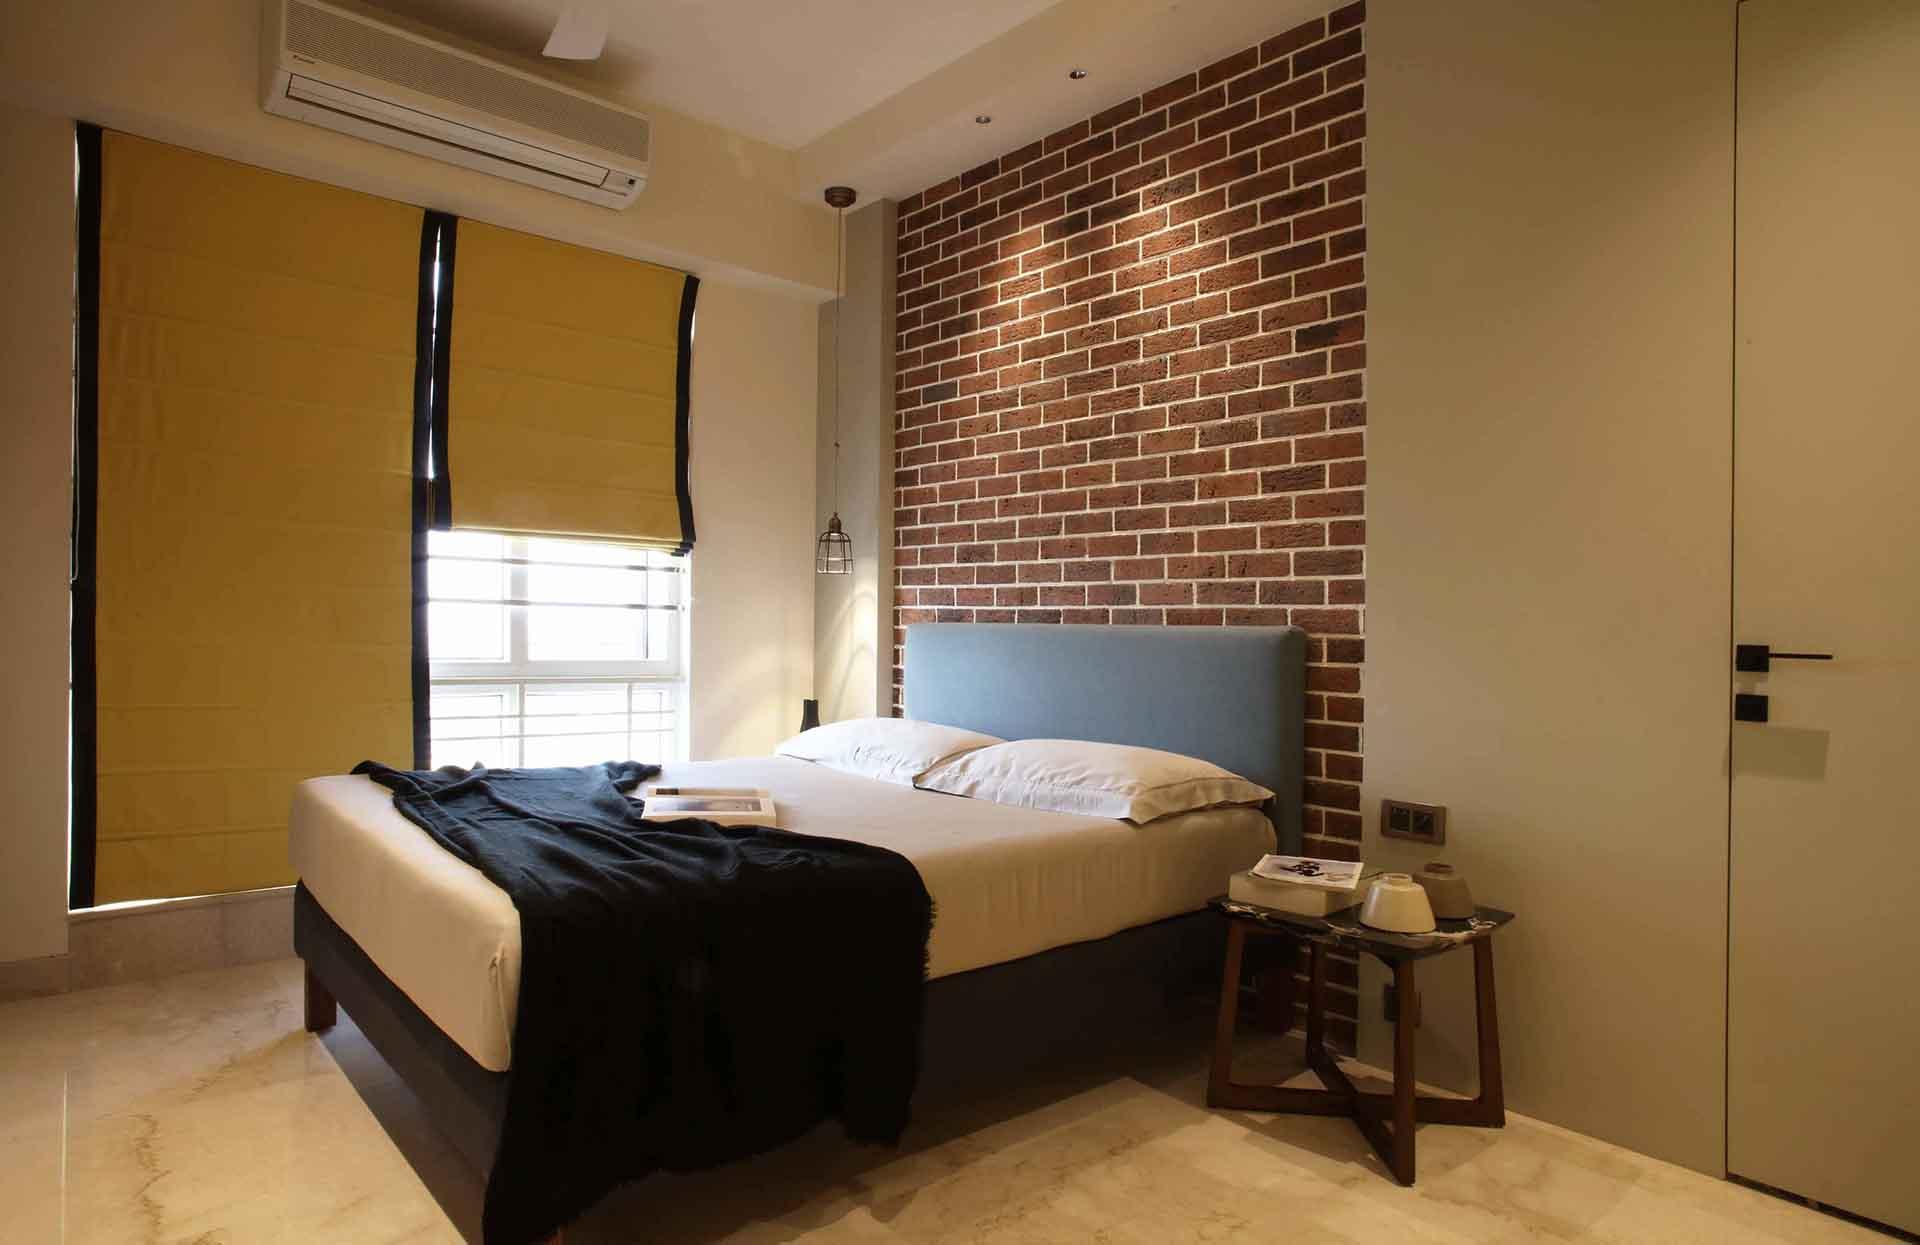 Bed Room Interior_,Marvel Interiors